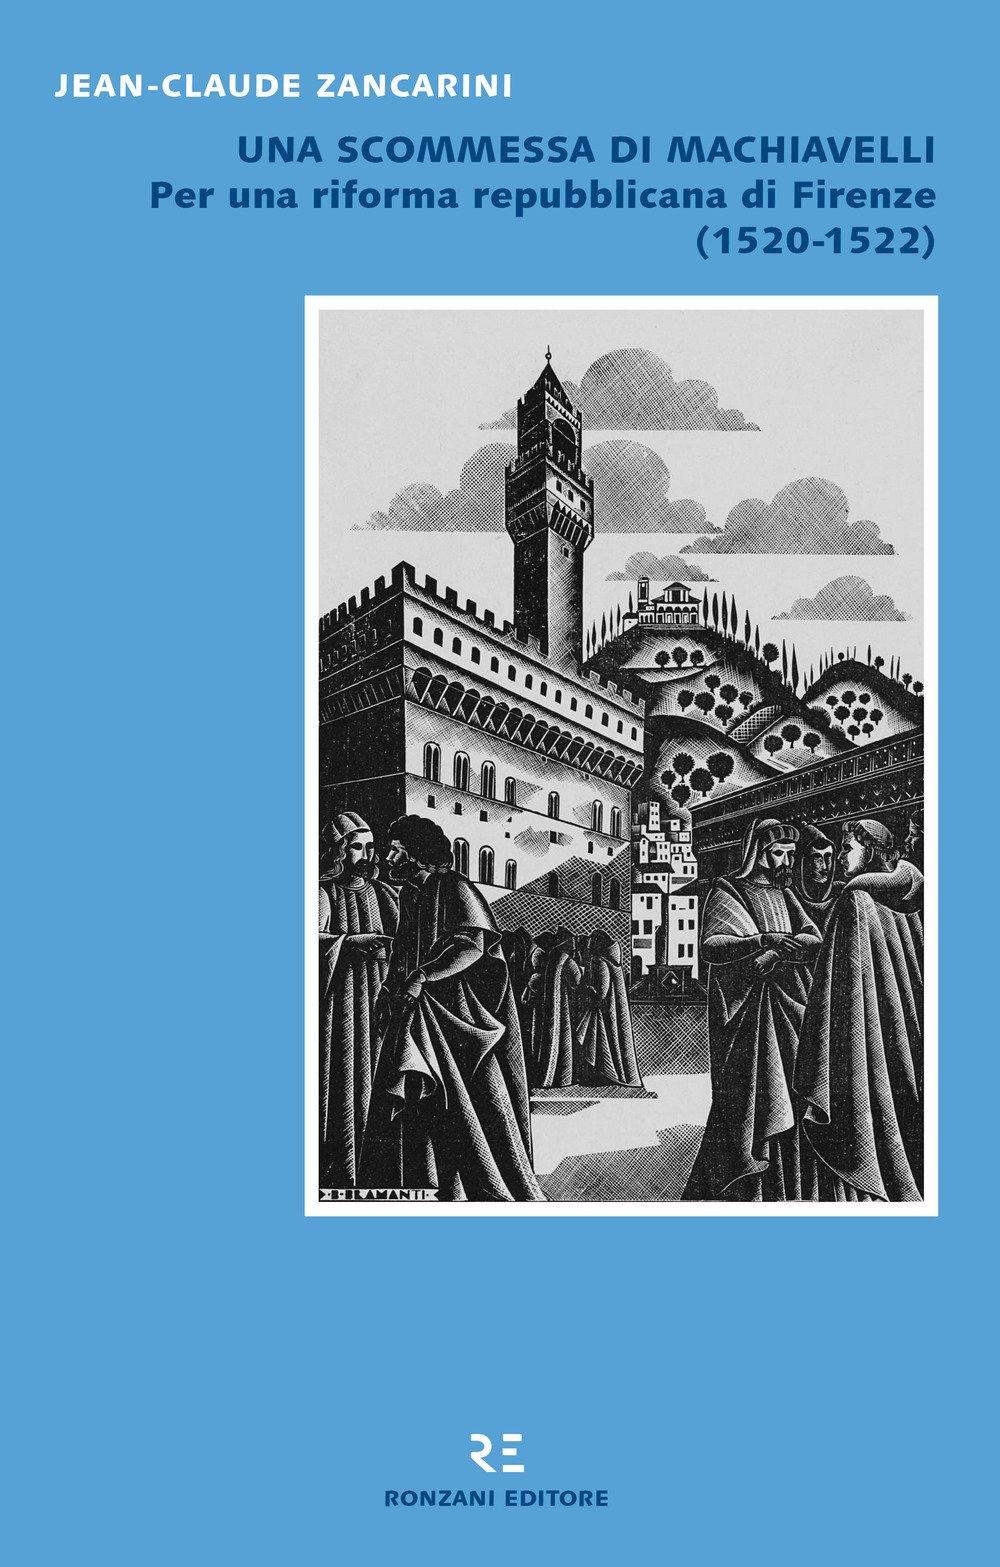 Una scommessa di Machiavelli. Per una riforma repubblicana di Firenze (1520-1522)